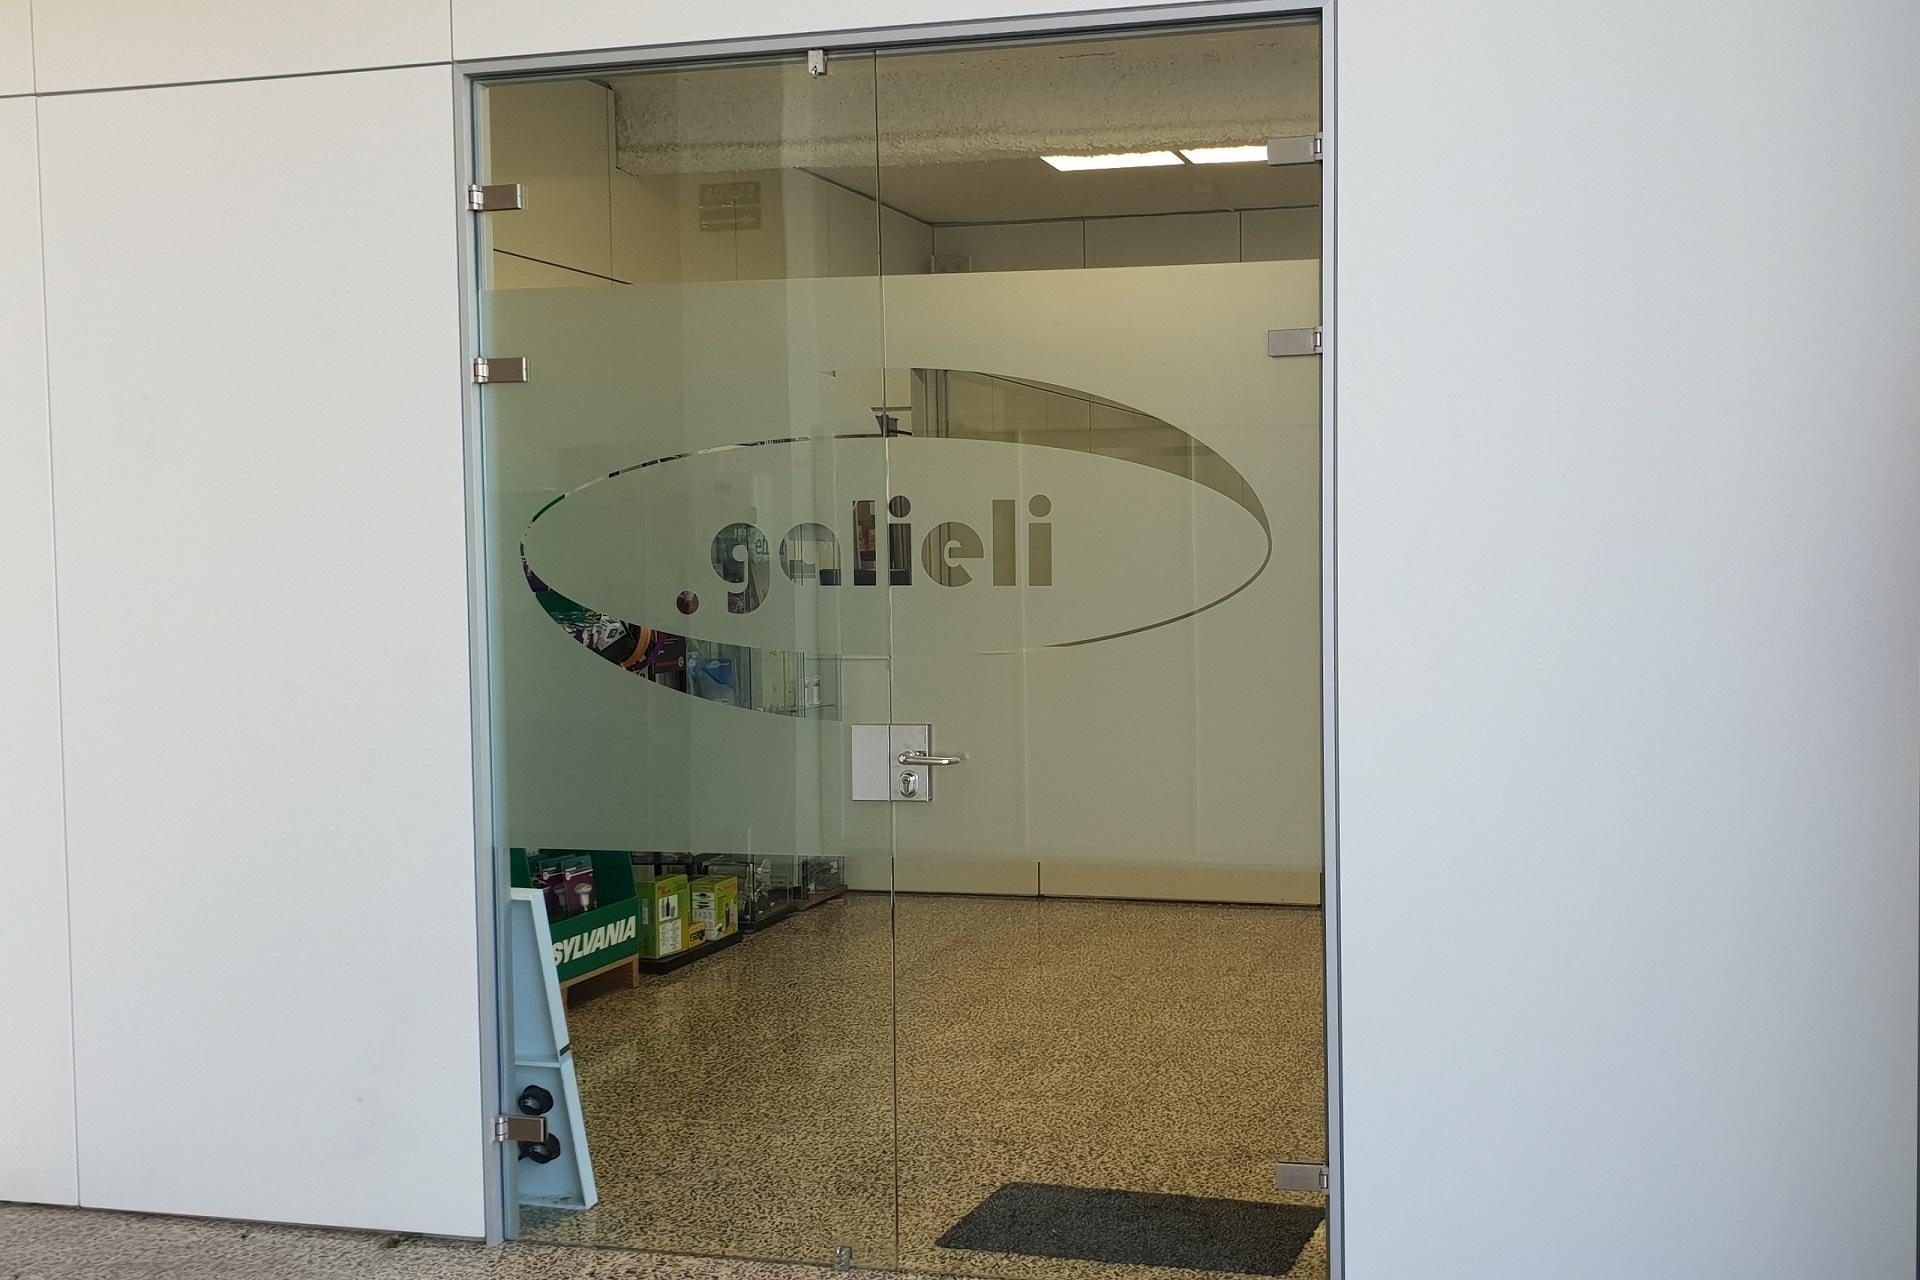 puerta principal galieli